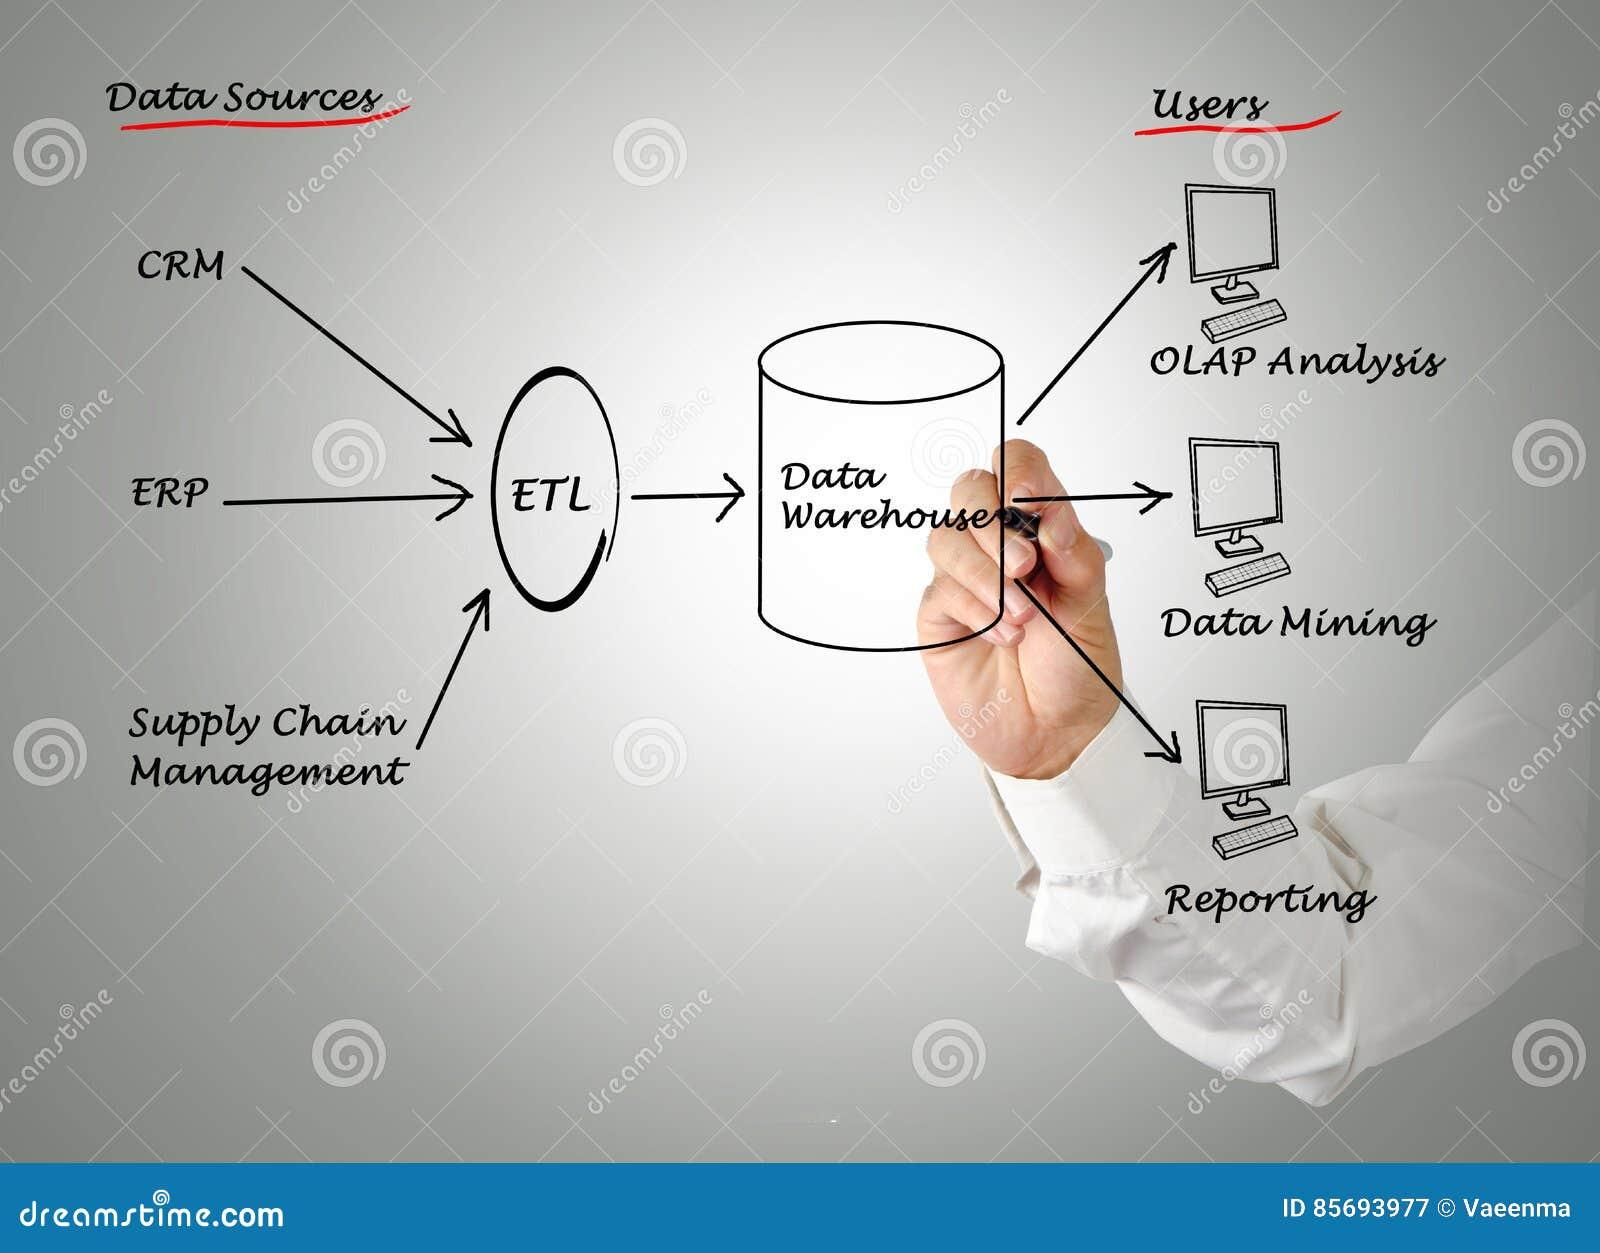 Datos Warehouse